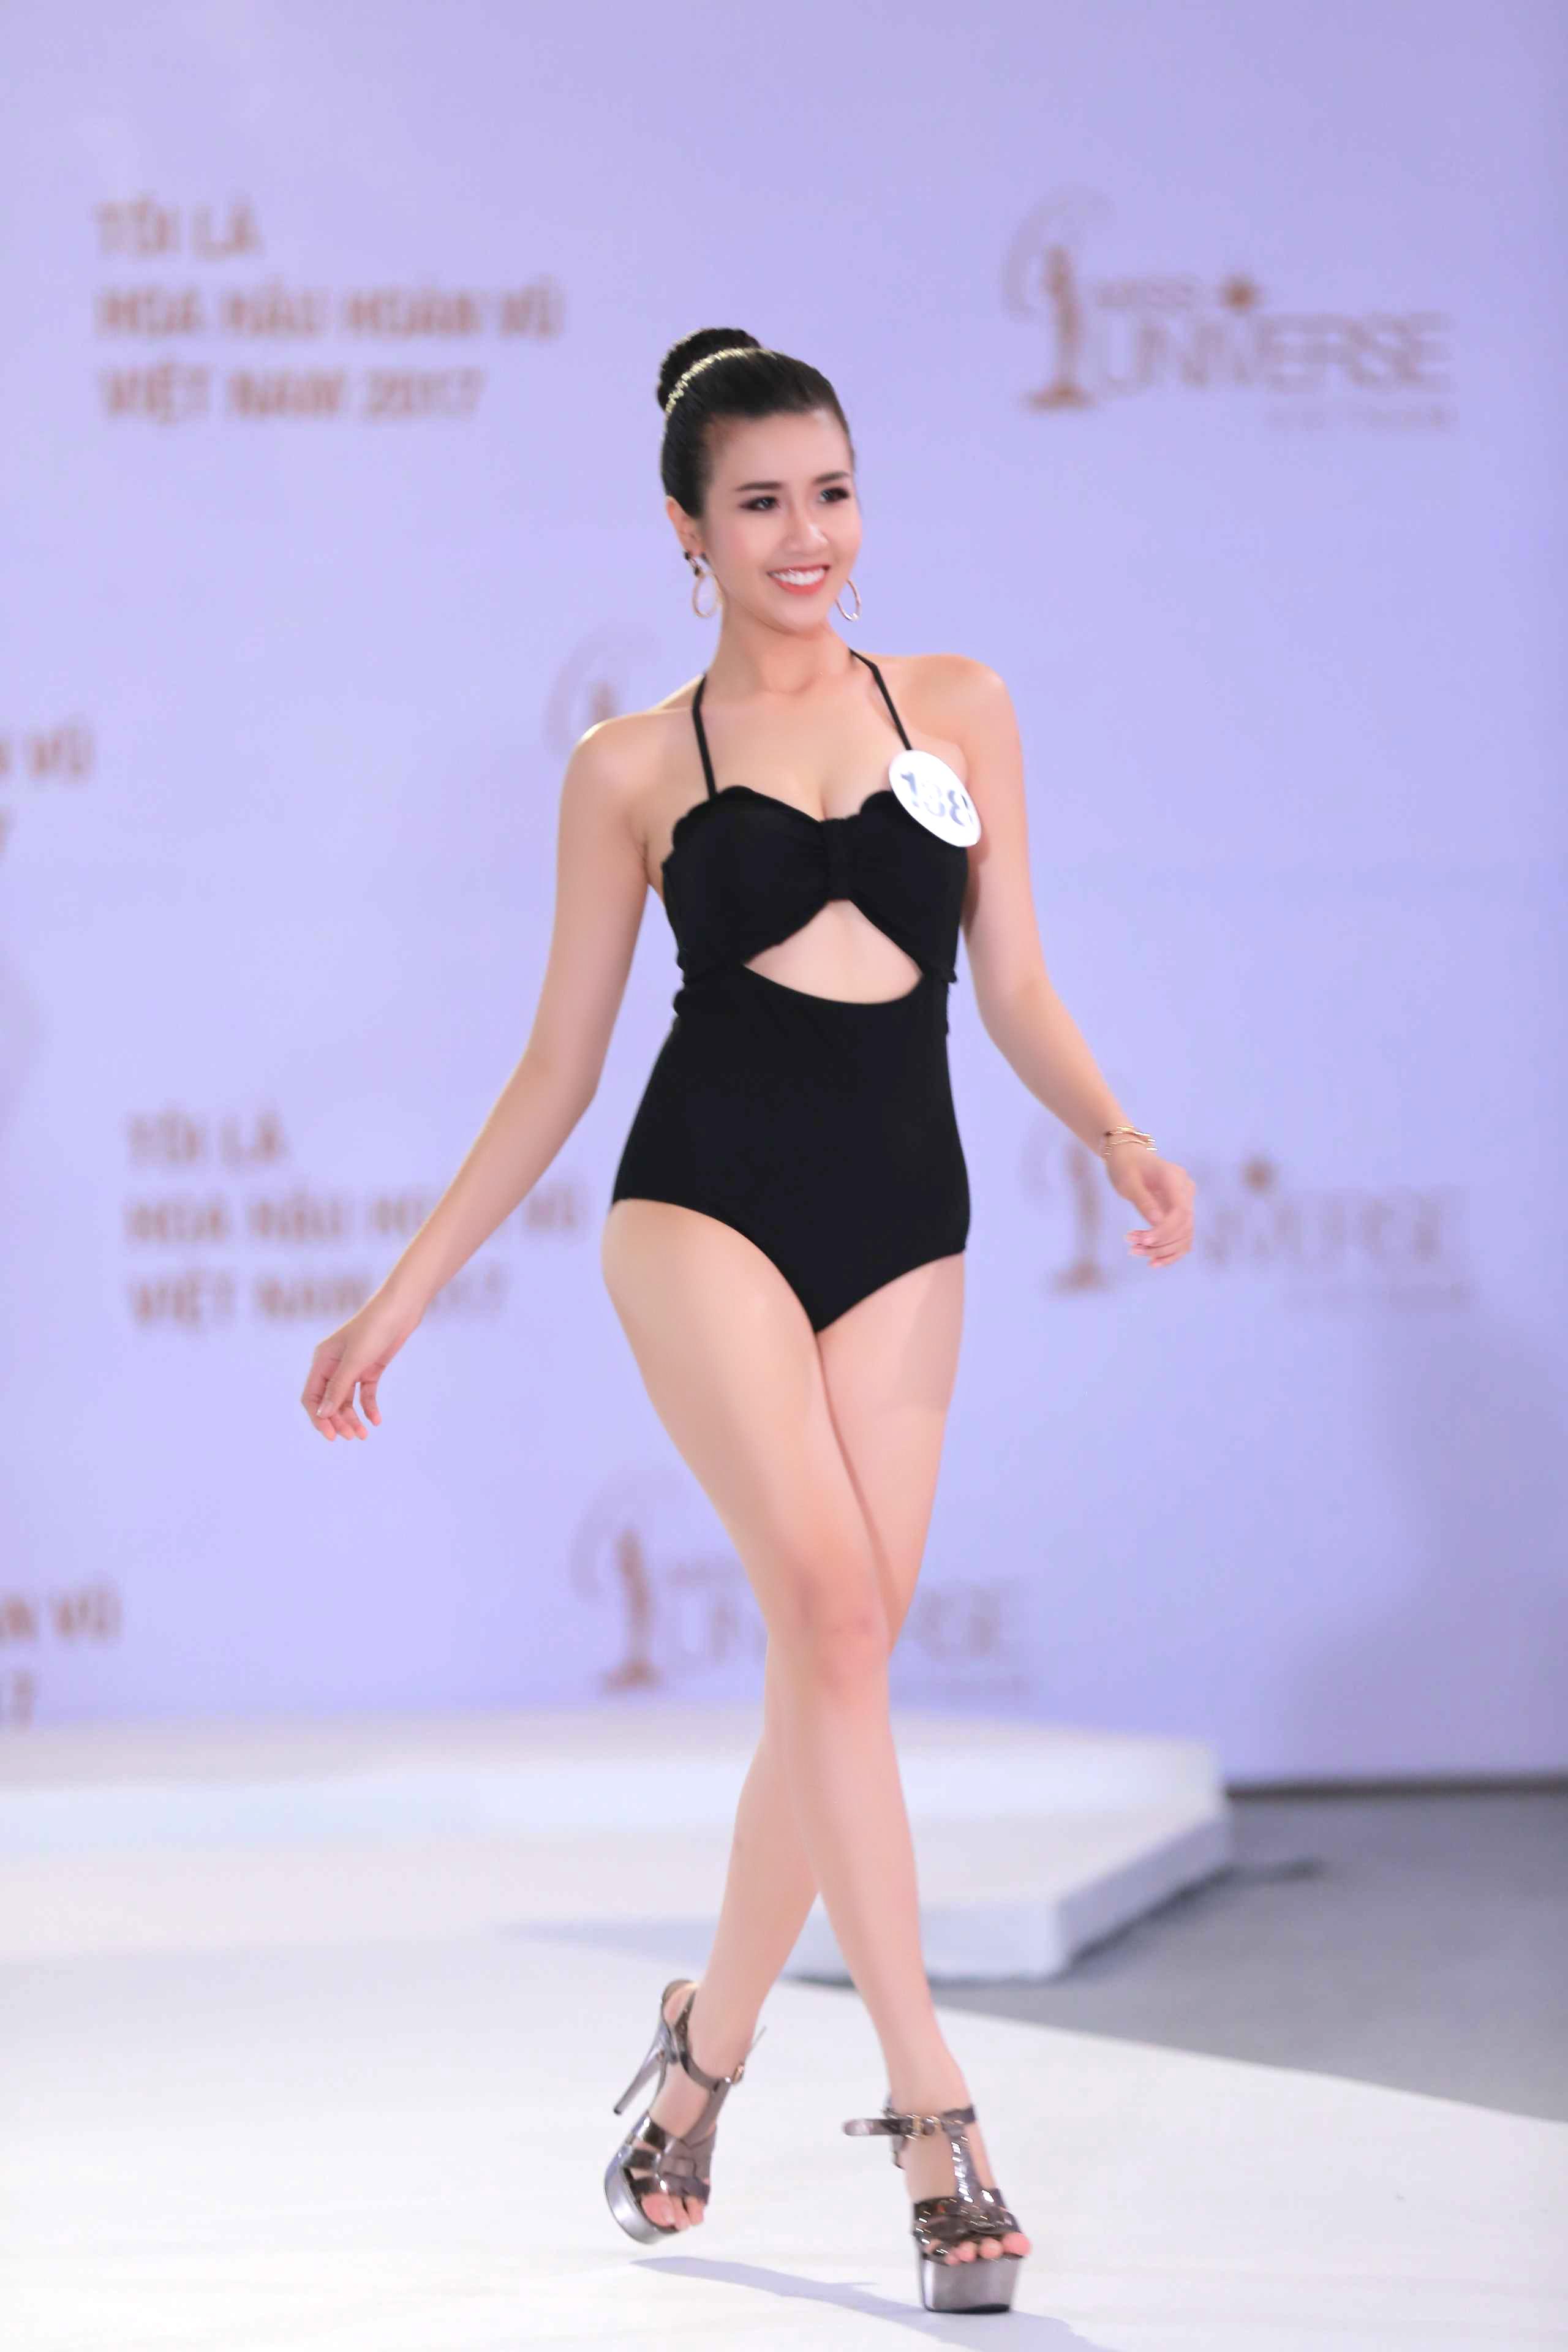 Cận cảnh hình ảnh bikini của Hoàng Thùy, Mâu Thủy, Mai Ngô... tại Hoa hậu Hoàn vũ, ai nuột nhất? - Ảnh 14.